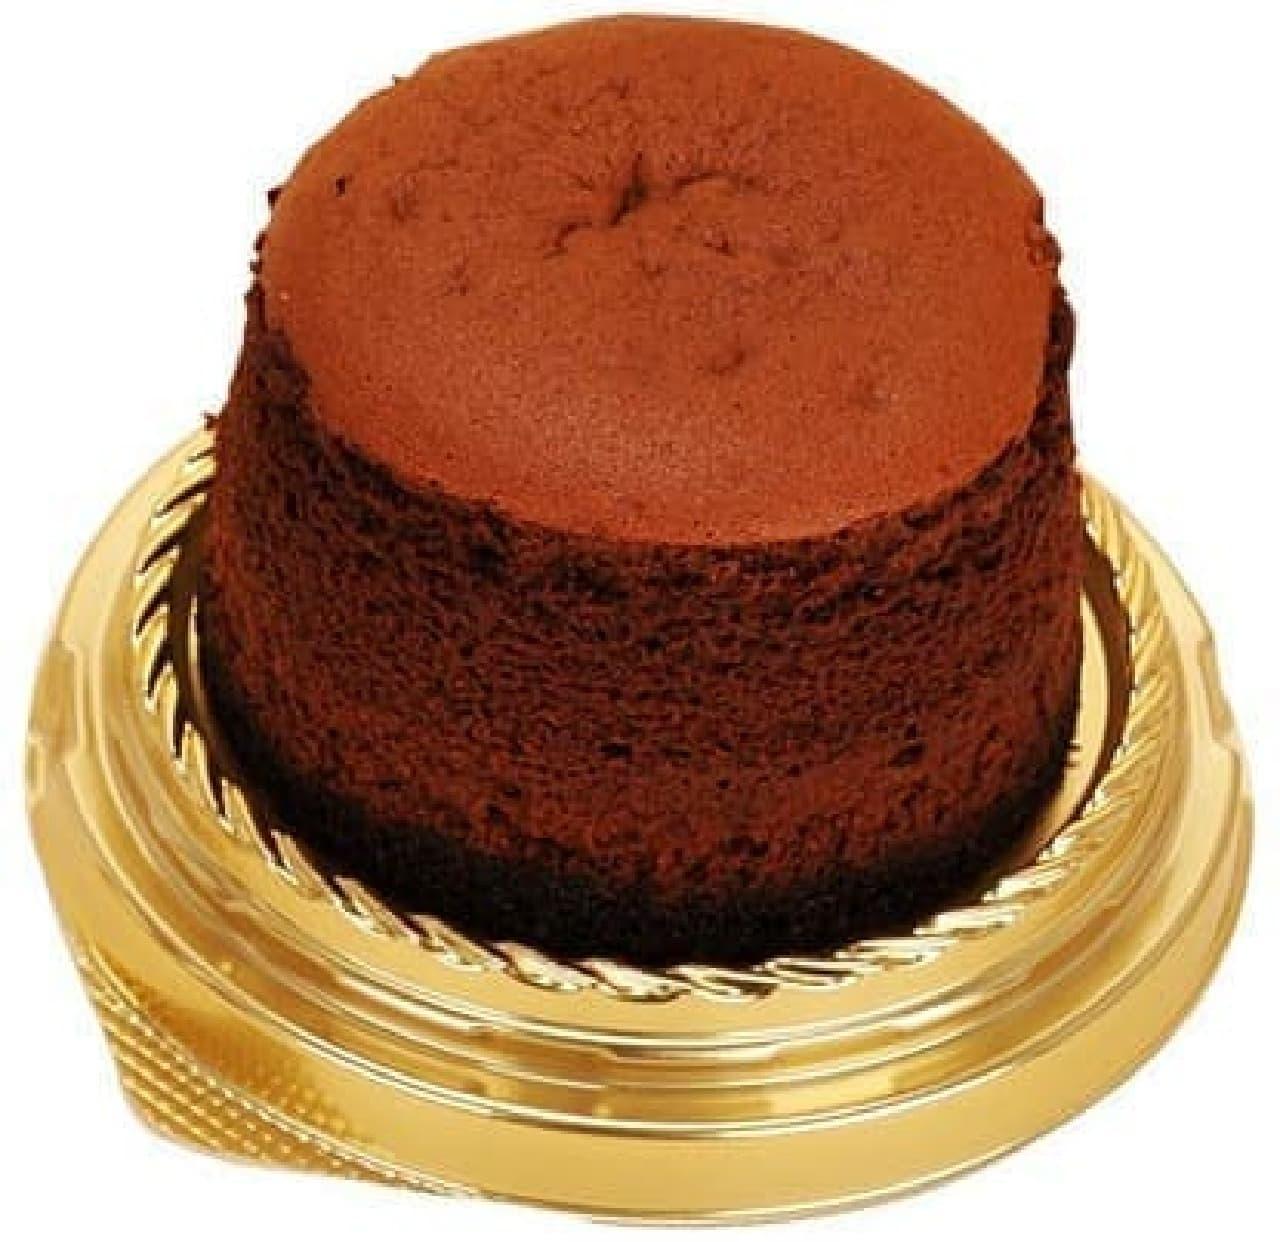 ファミリーマート「しっとり濃厚ショコラスフレ」